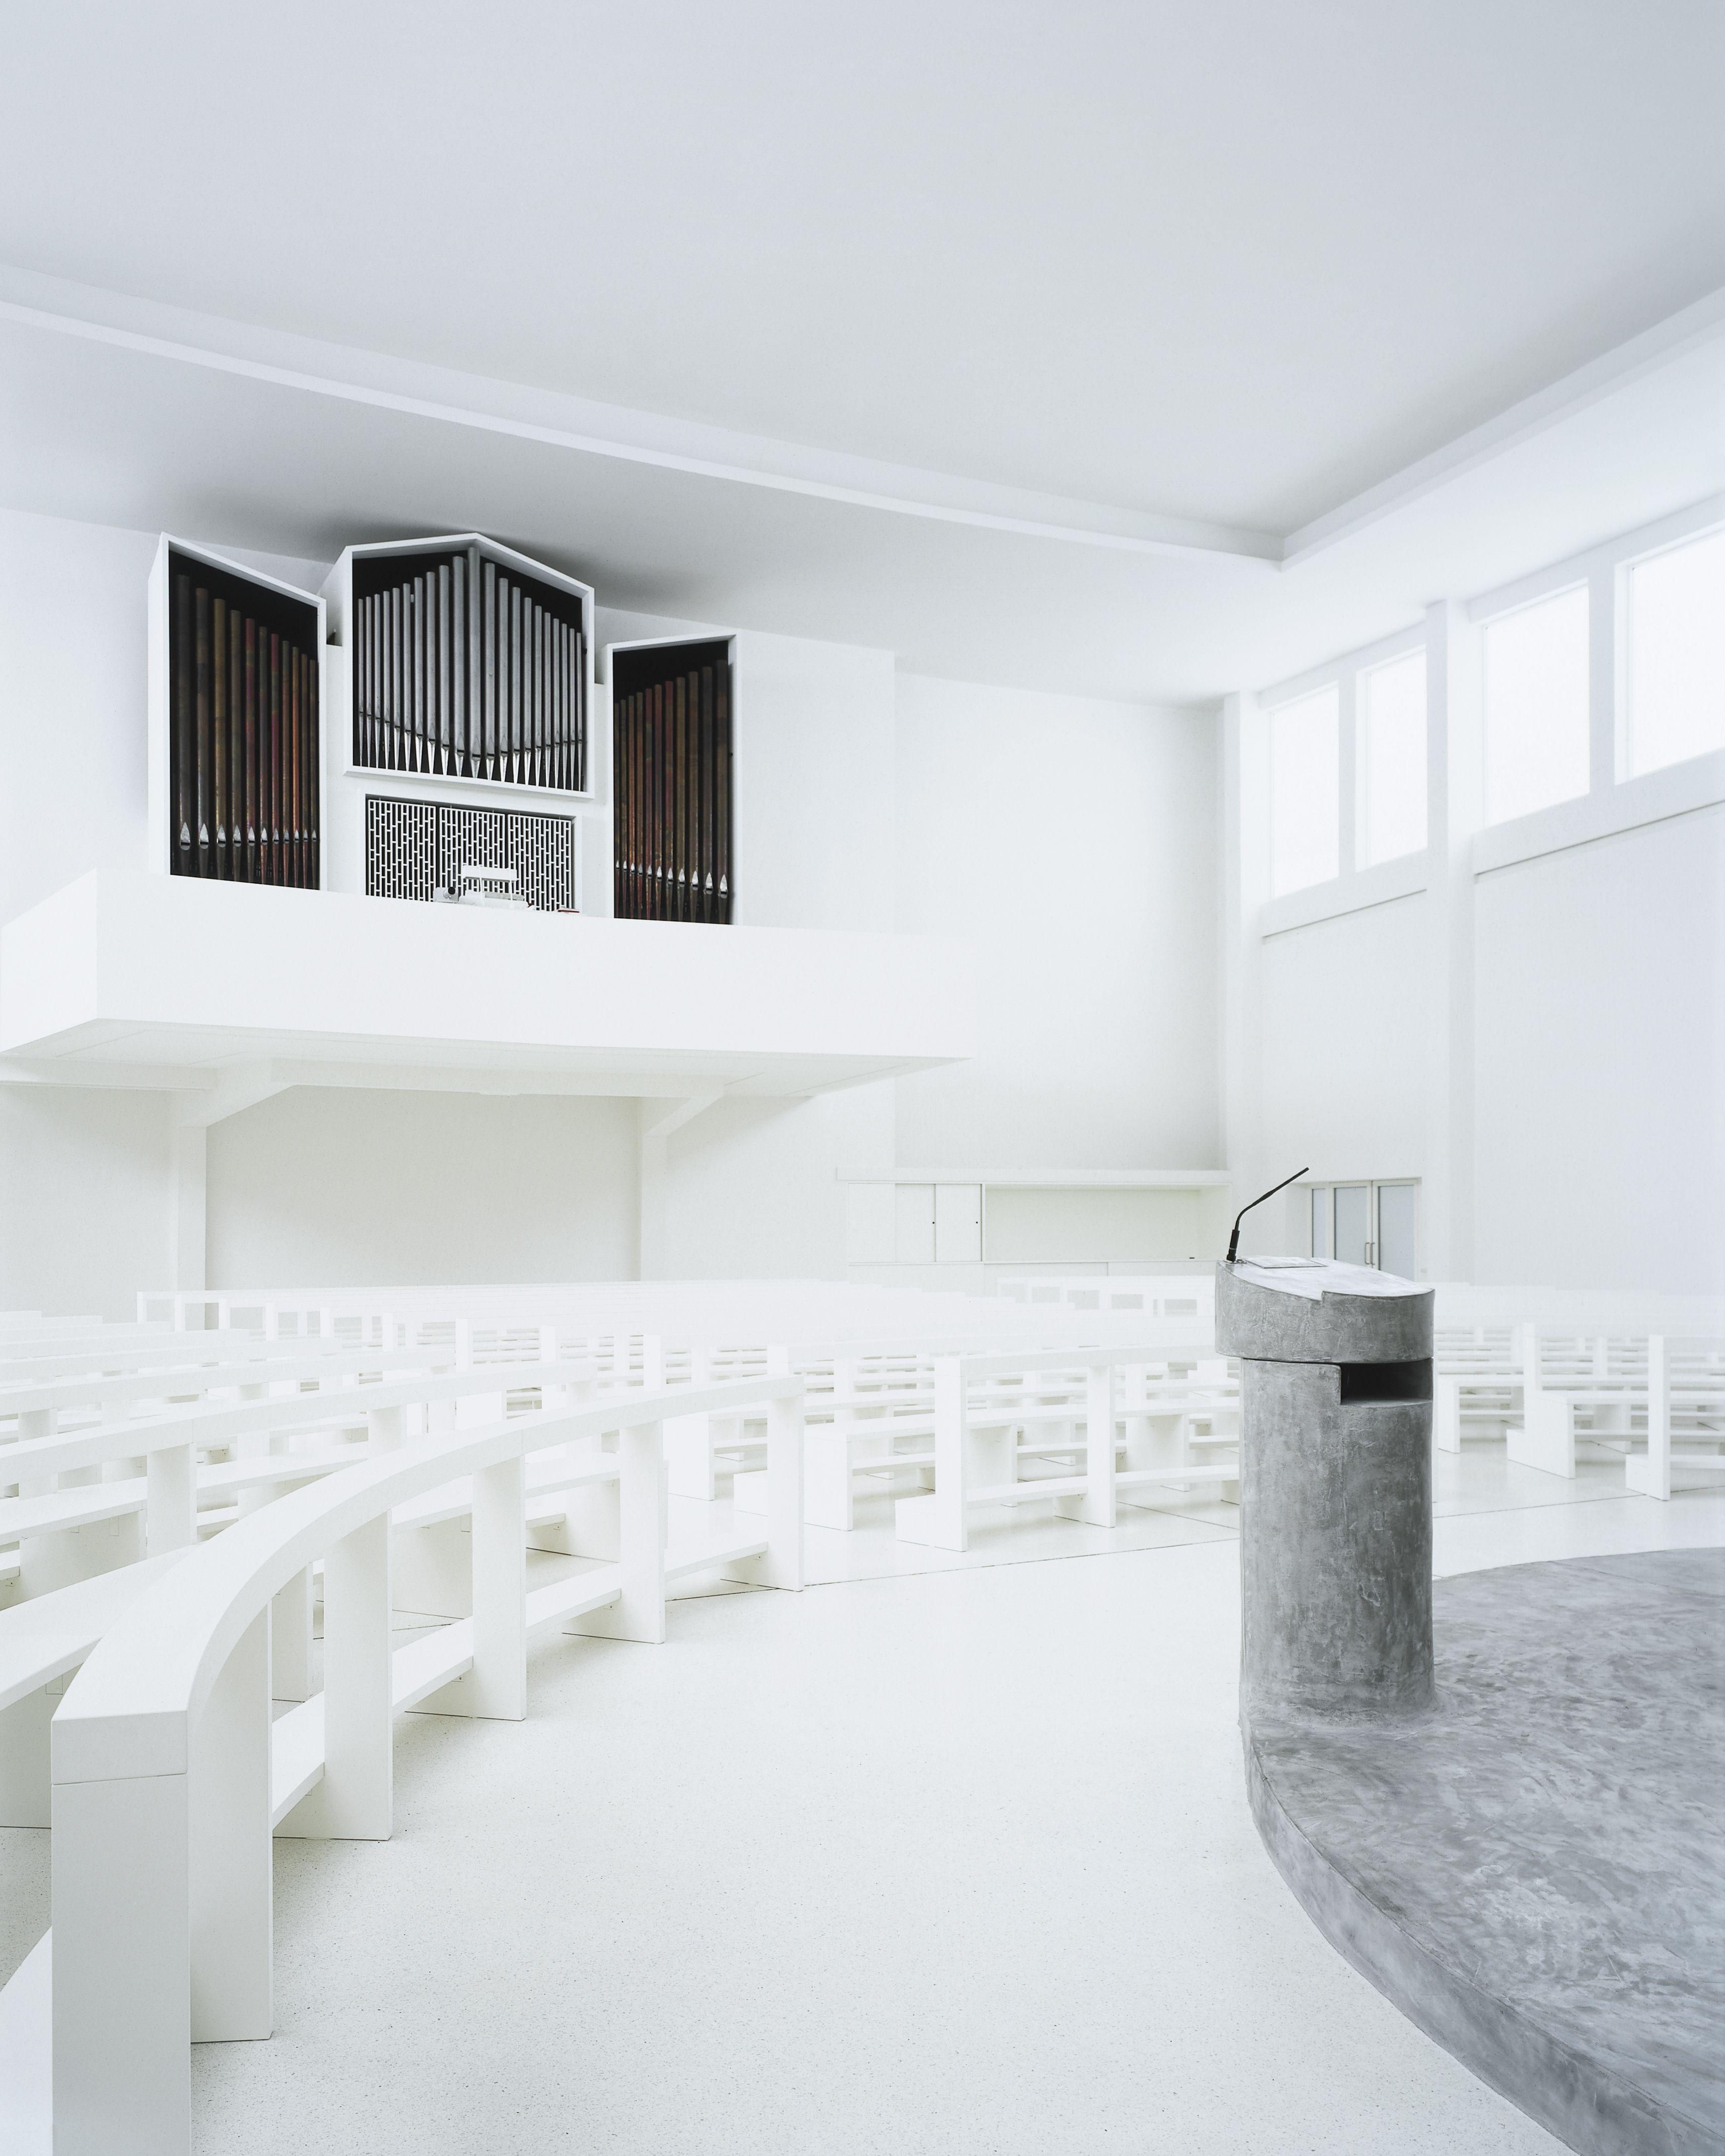 St. Bonifatius, Herbrechtingen, Germany by Kaestle Ocker, Roeder Architekten. Stark white space - purity, heavenly